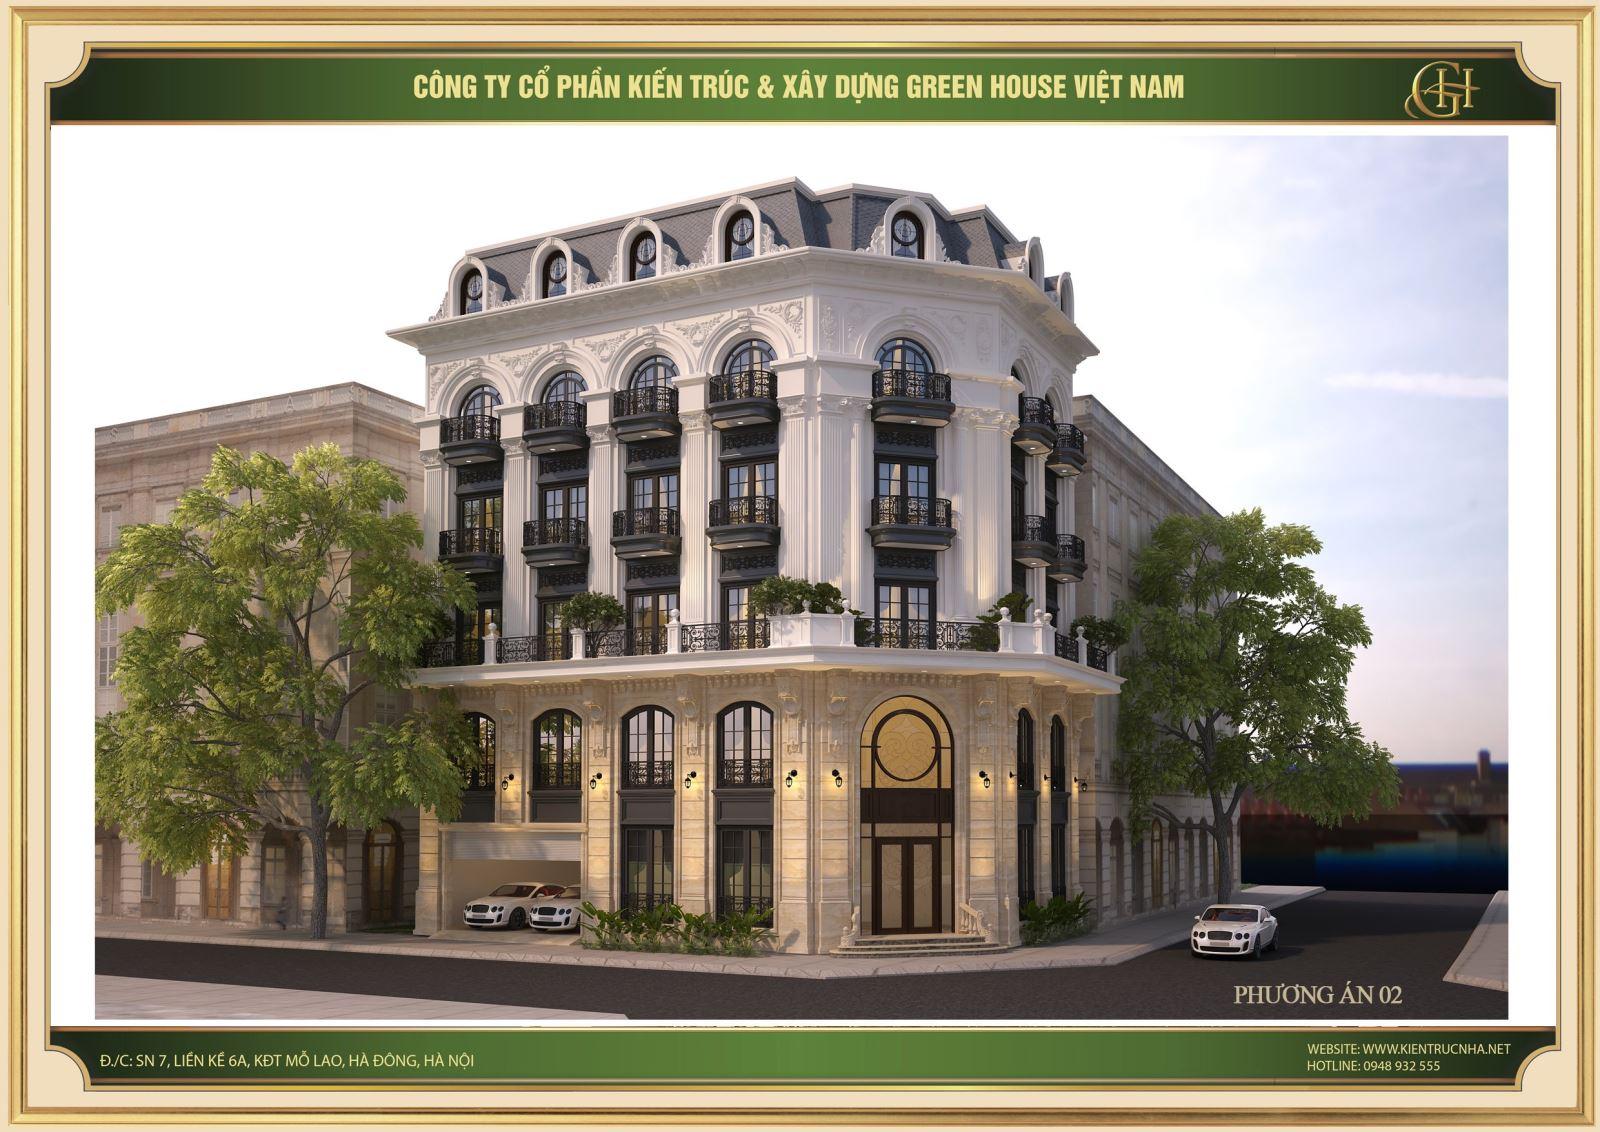 Phương án thiết kế 2 cho mẫu biệt thự tân cổ điển 5 tầng tại Bắc Ninh